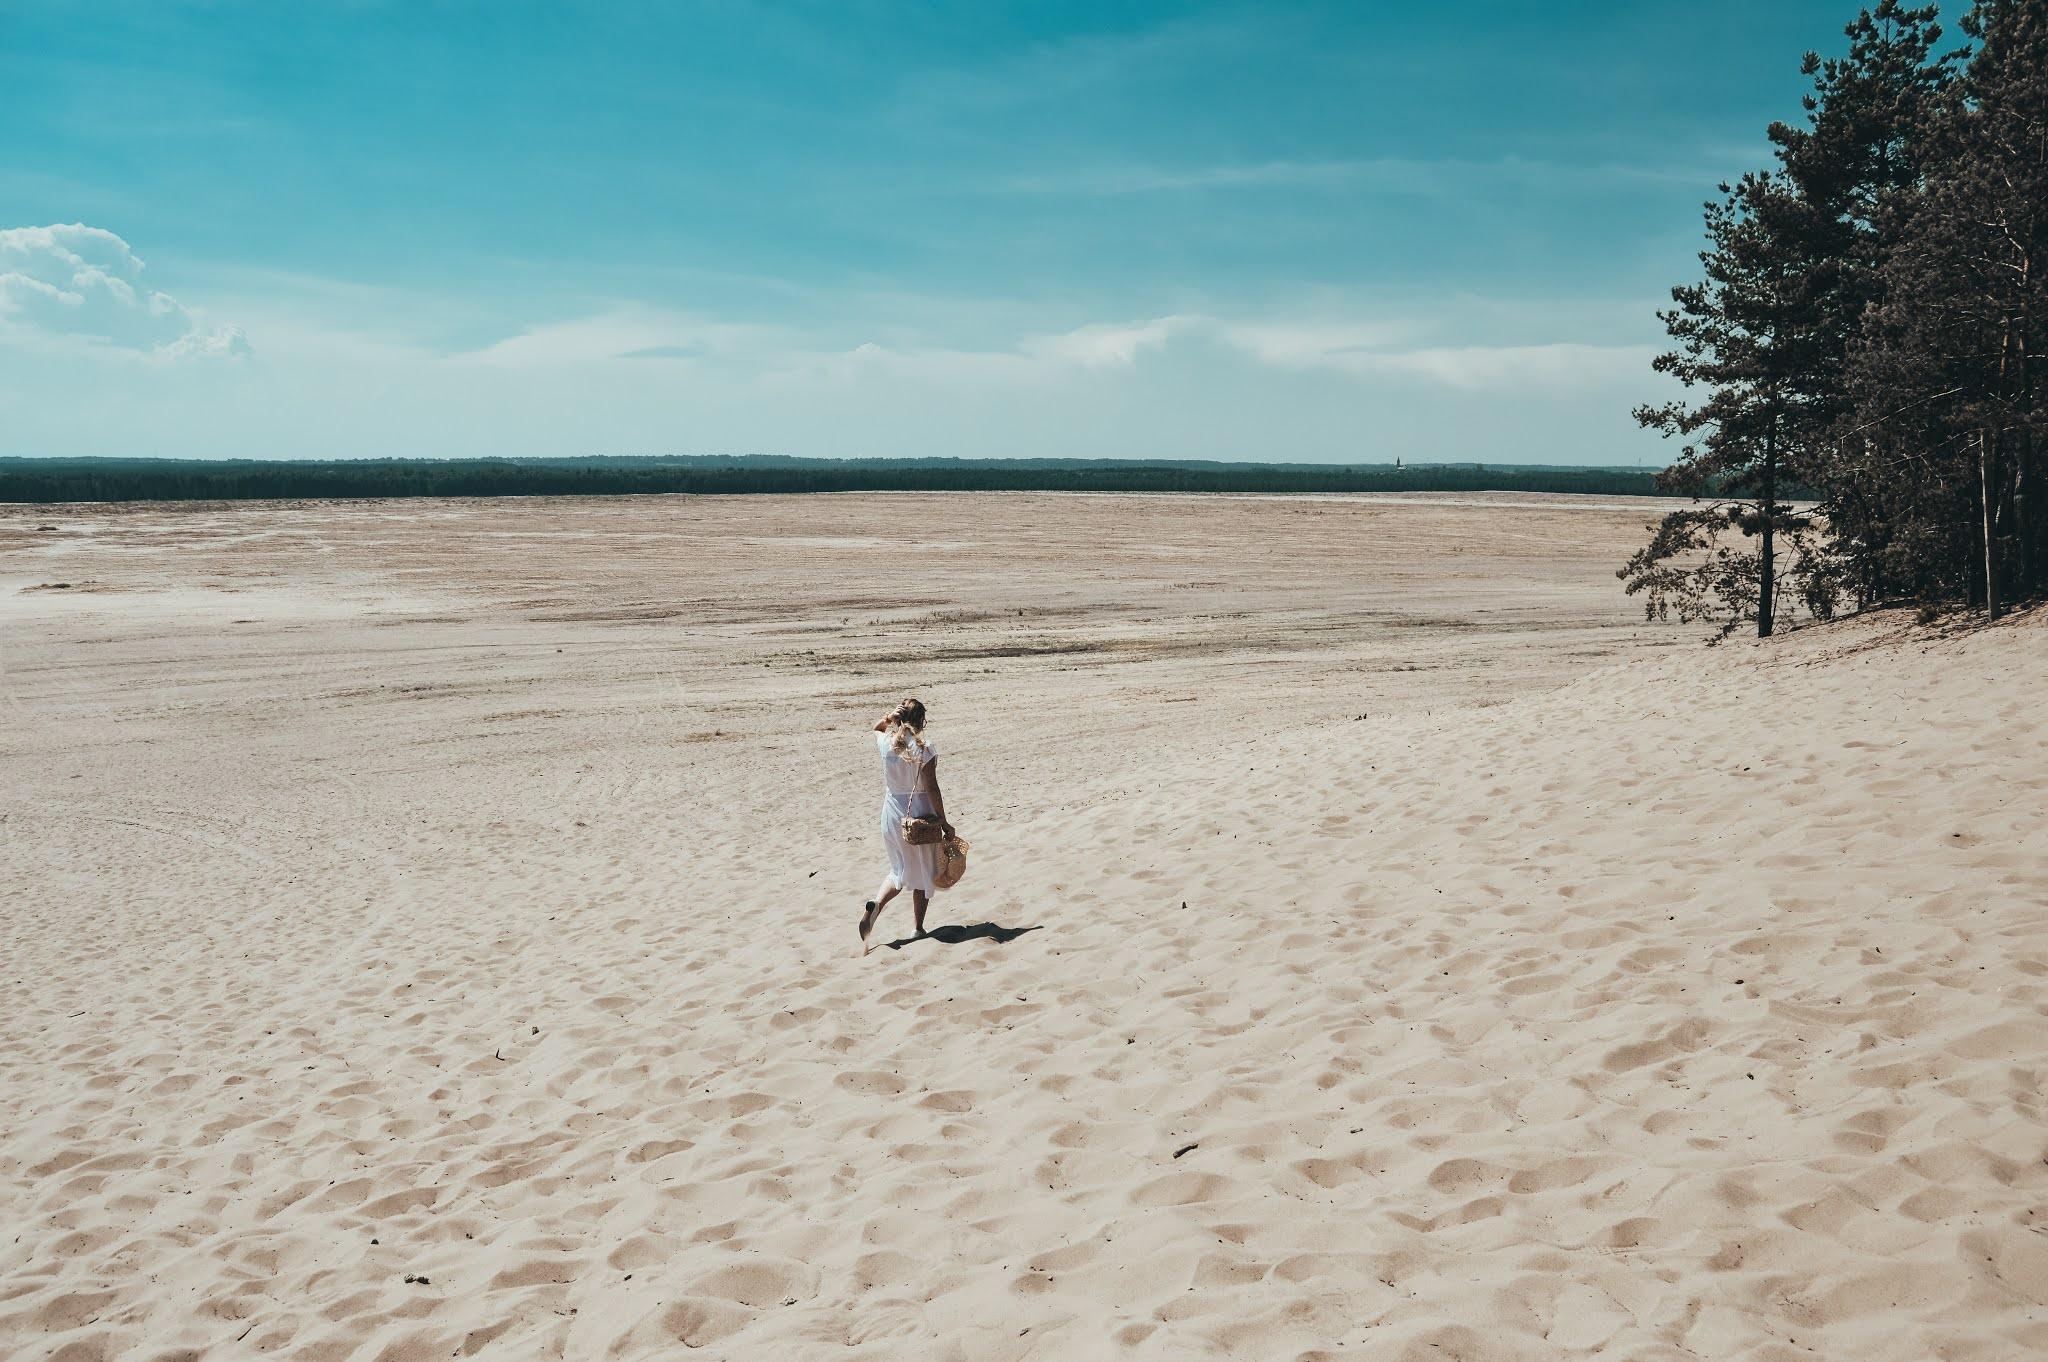 Zdjęcia z Pustyni błędowskiej. Polska pustynia zdjecia na instagram